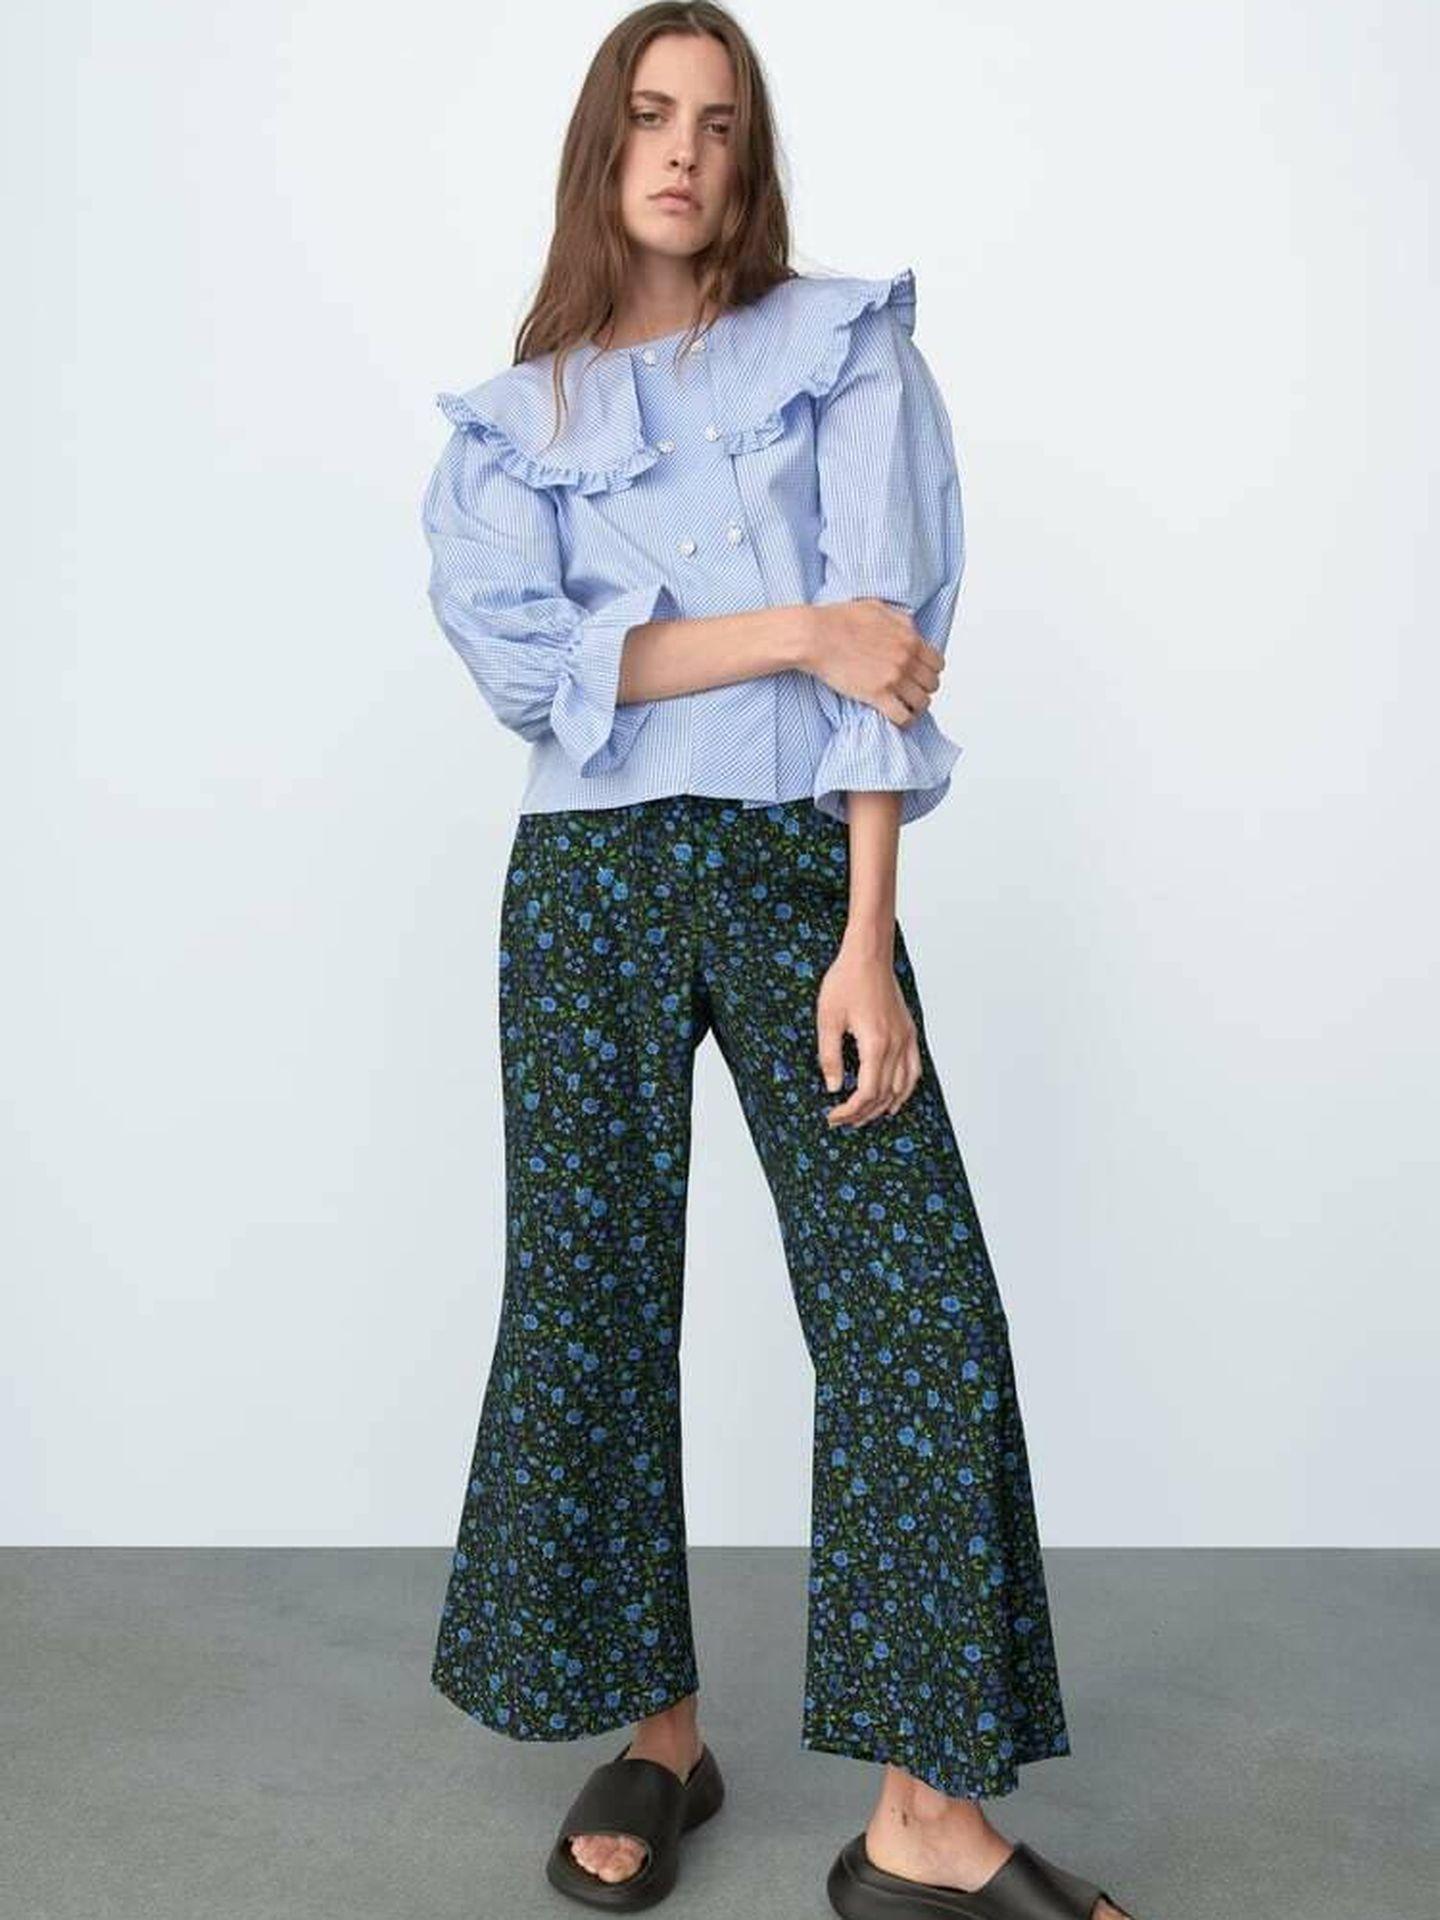 El pantalón de flores de Zara. (Cortesía)